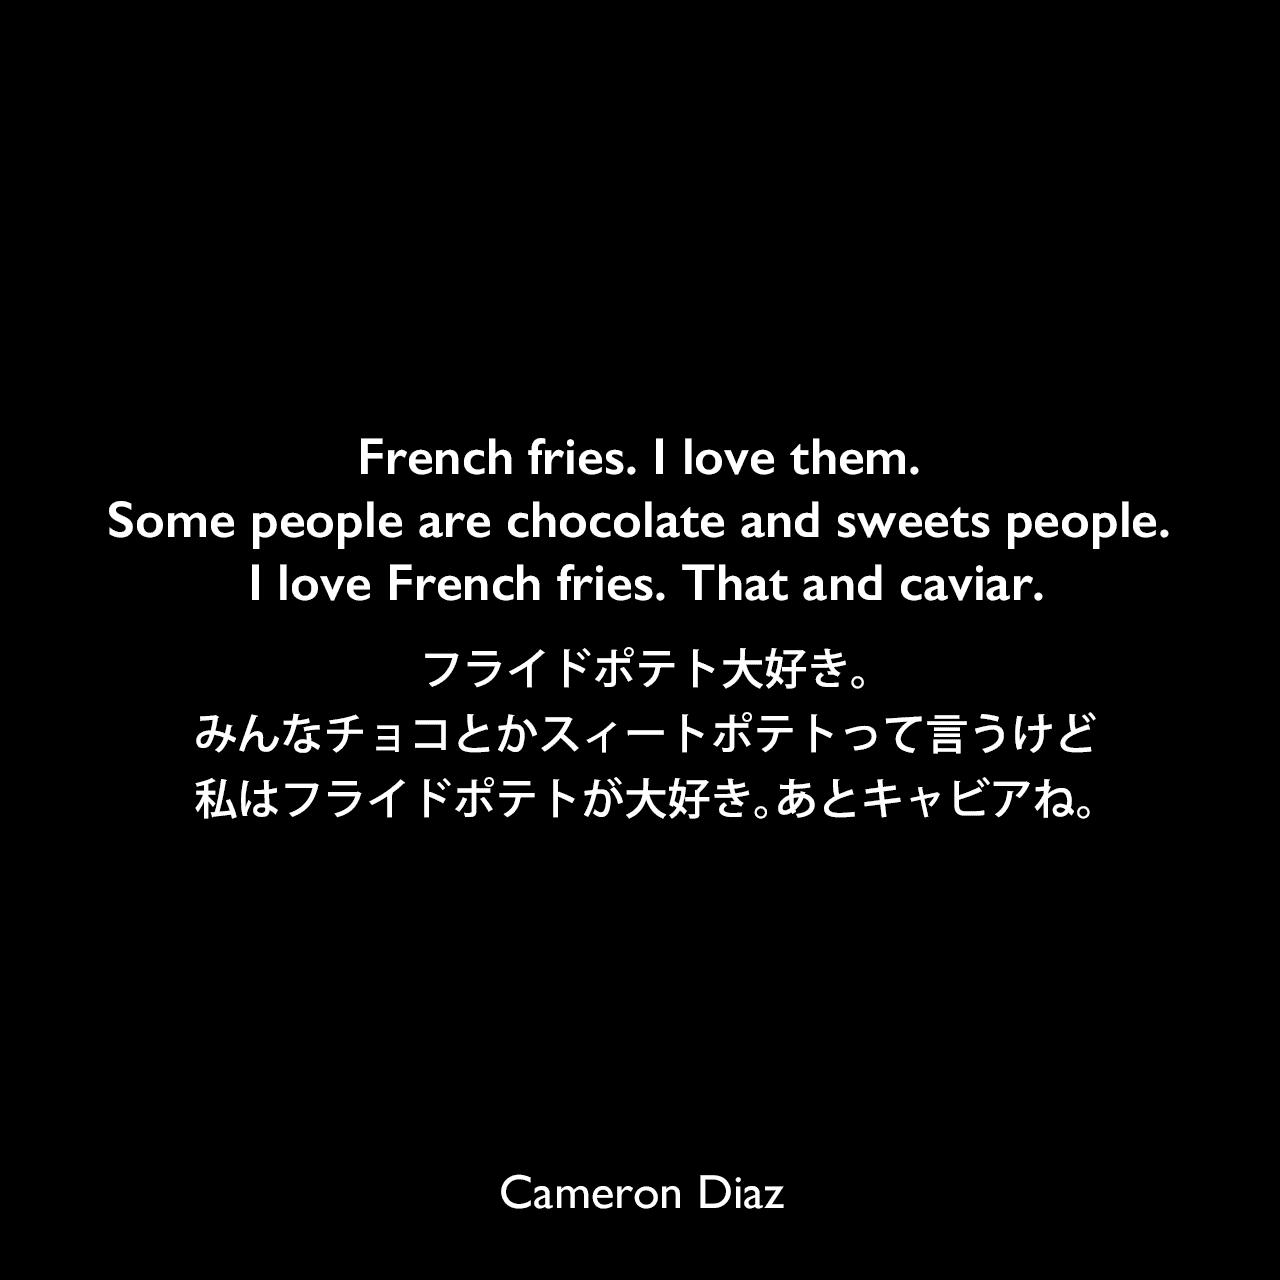 French fries. I love them. Some people are chocolate and sweets people. I love French fries. That and caviar.フライドポテト大好き。みんなチョコとかスィートポテトって言うけど、私はフライドポテトが大好き。あとキャビアね。Cameron Diaz